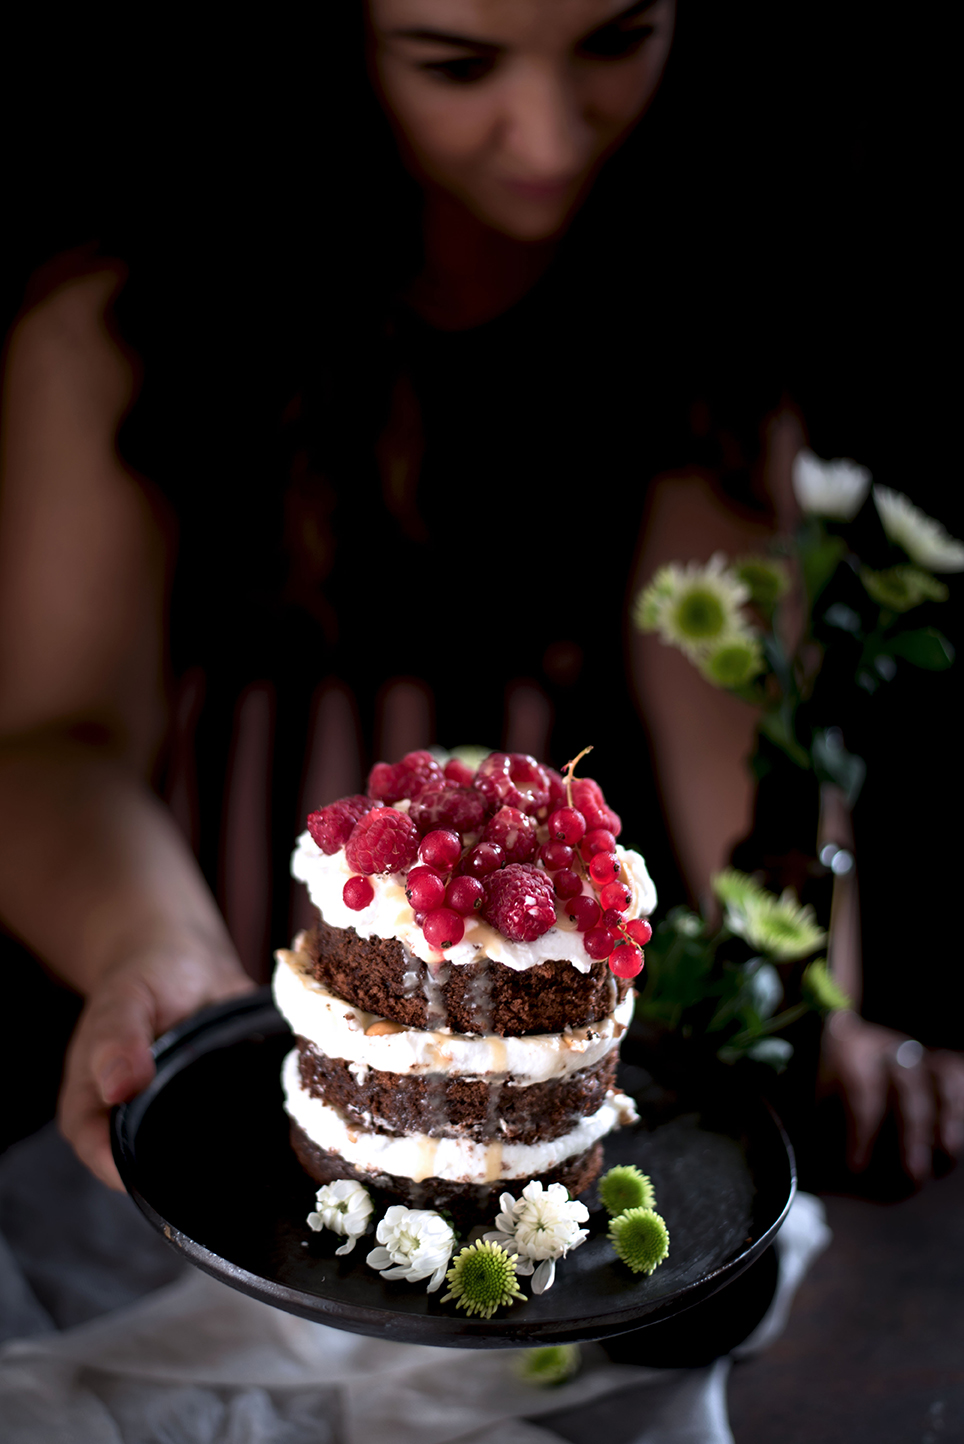 torta-al-cioccolato-e-cocco-con-panna-salsa-mou-anacardi-e-lamponi-79